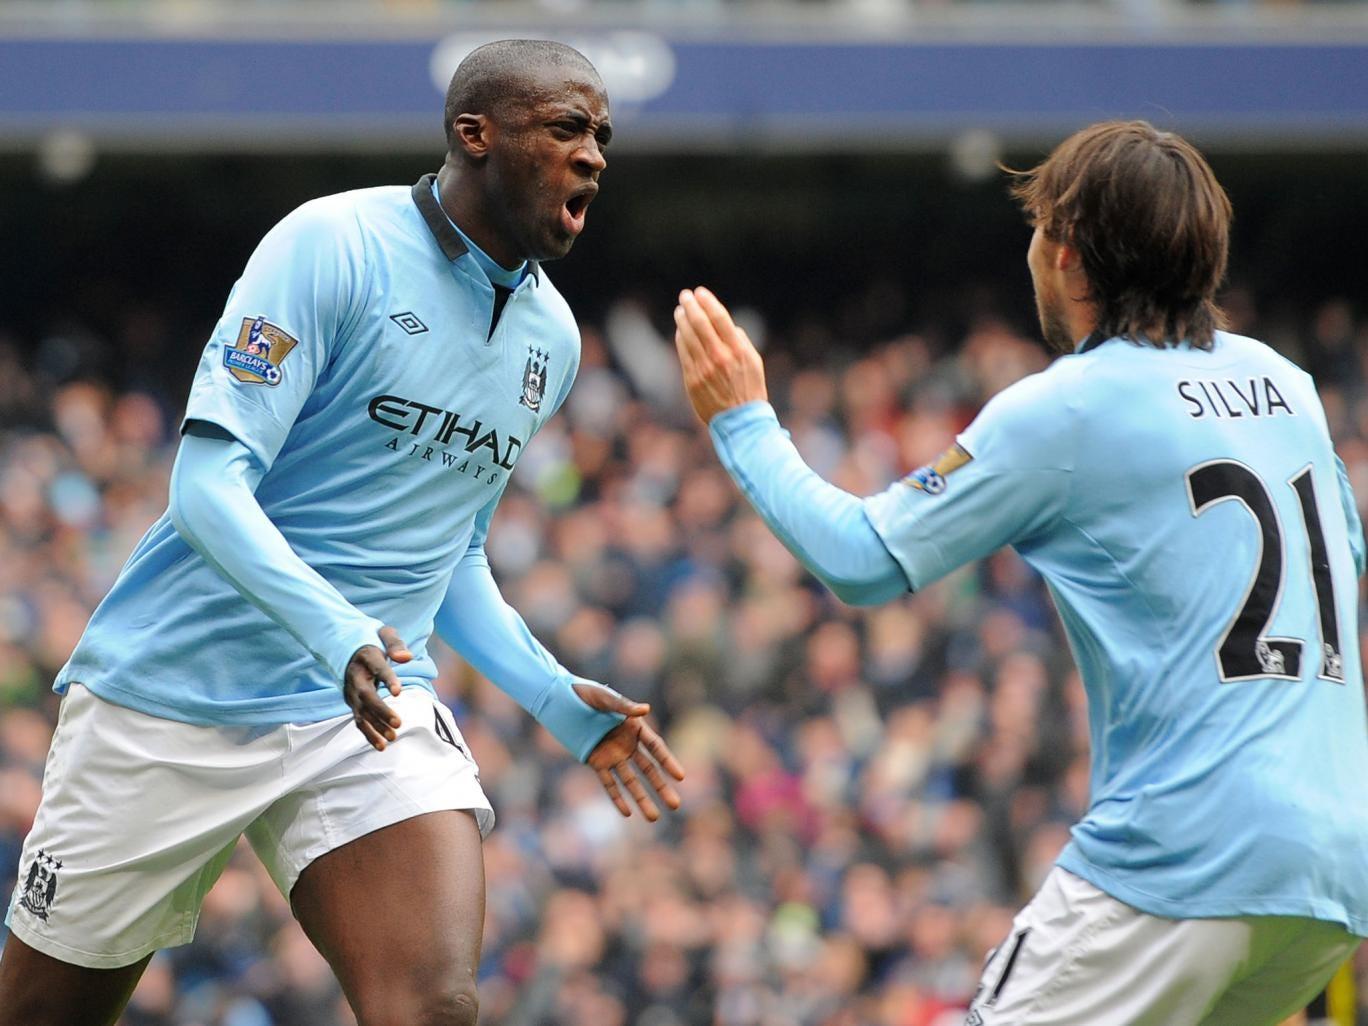 Yaya Toure celebrates his goal with David Silva